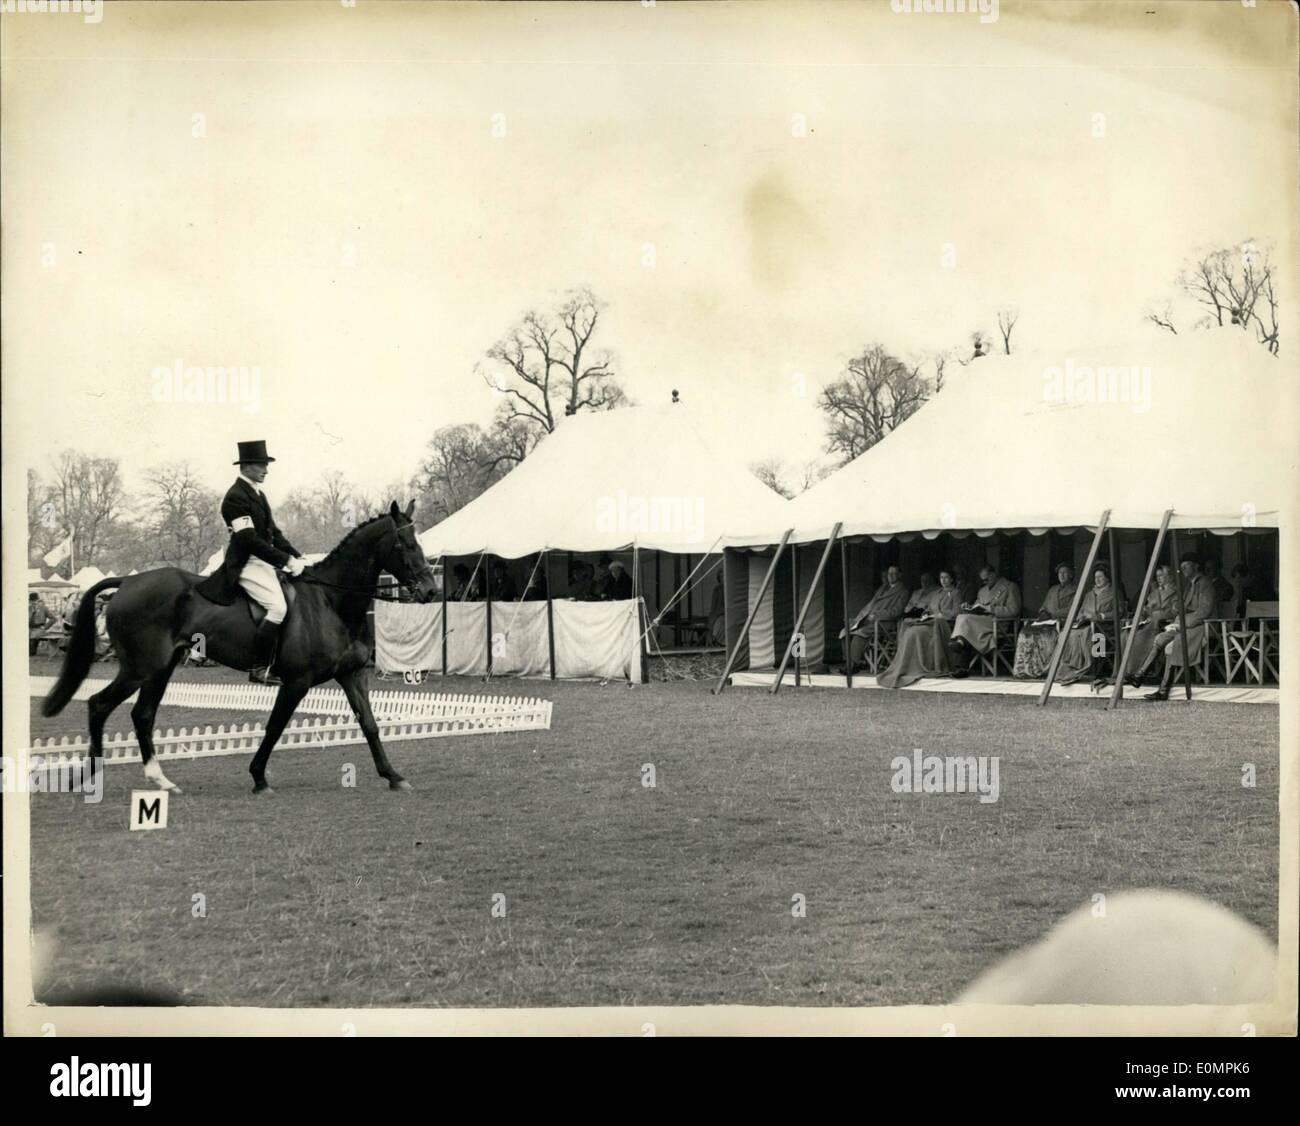 Trade Stands Badminton Horse Trials : Queen at badminton horse trials stock photos & queen at badminton